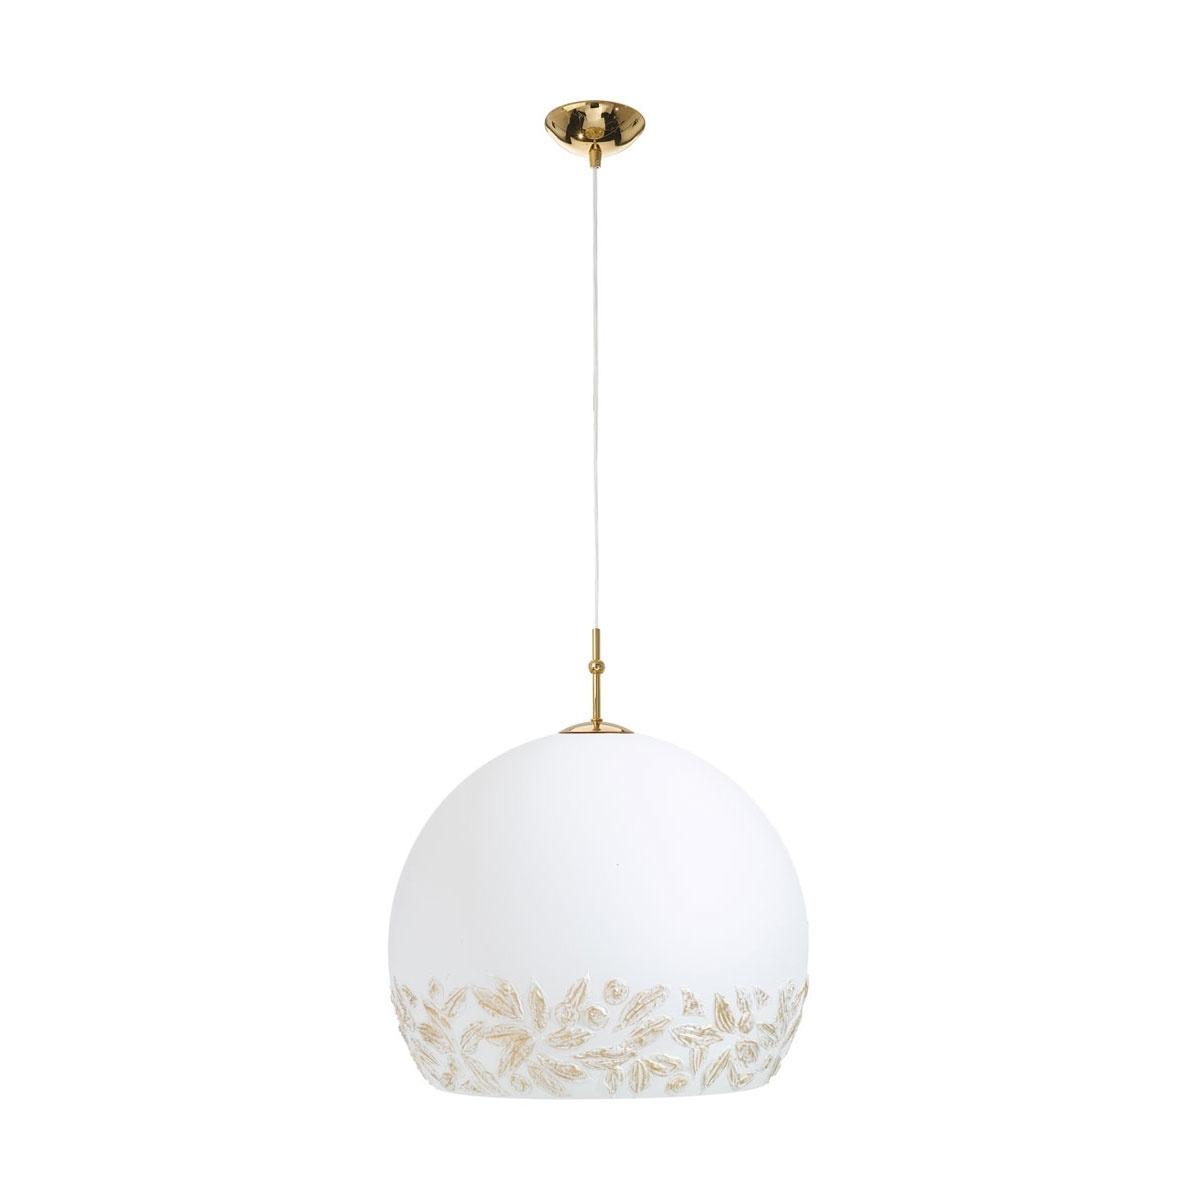 kolarz-pendelleuchte-luna-pl-gold-wei-glas-metall-0392-31xl-3-li-wa, 1092.00 EUR @ leuchtenzentrale-de